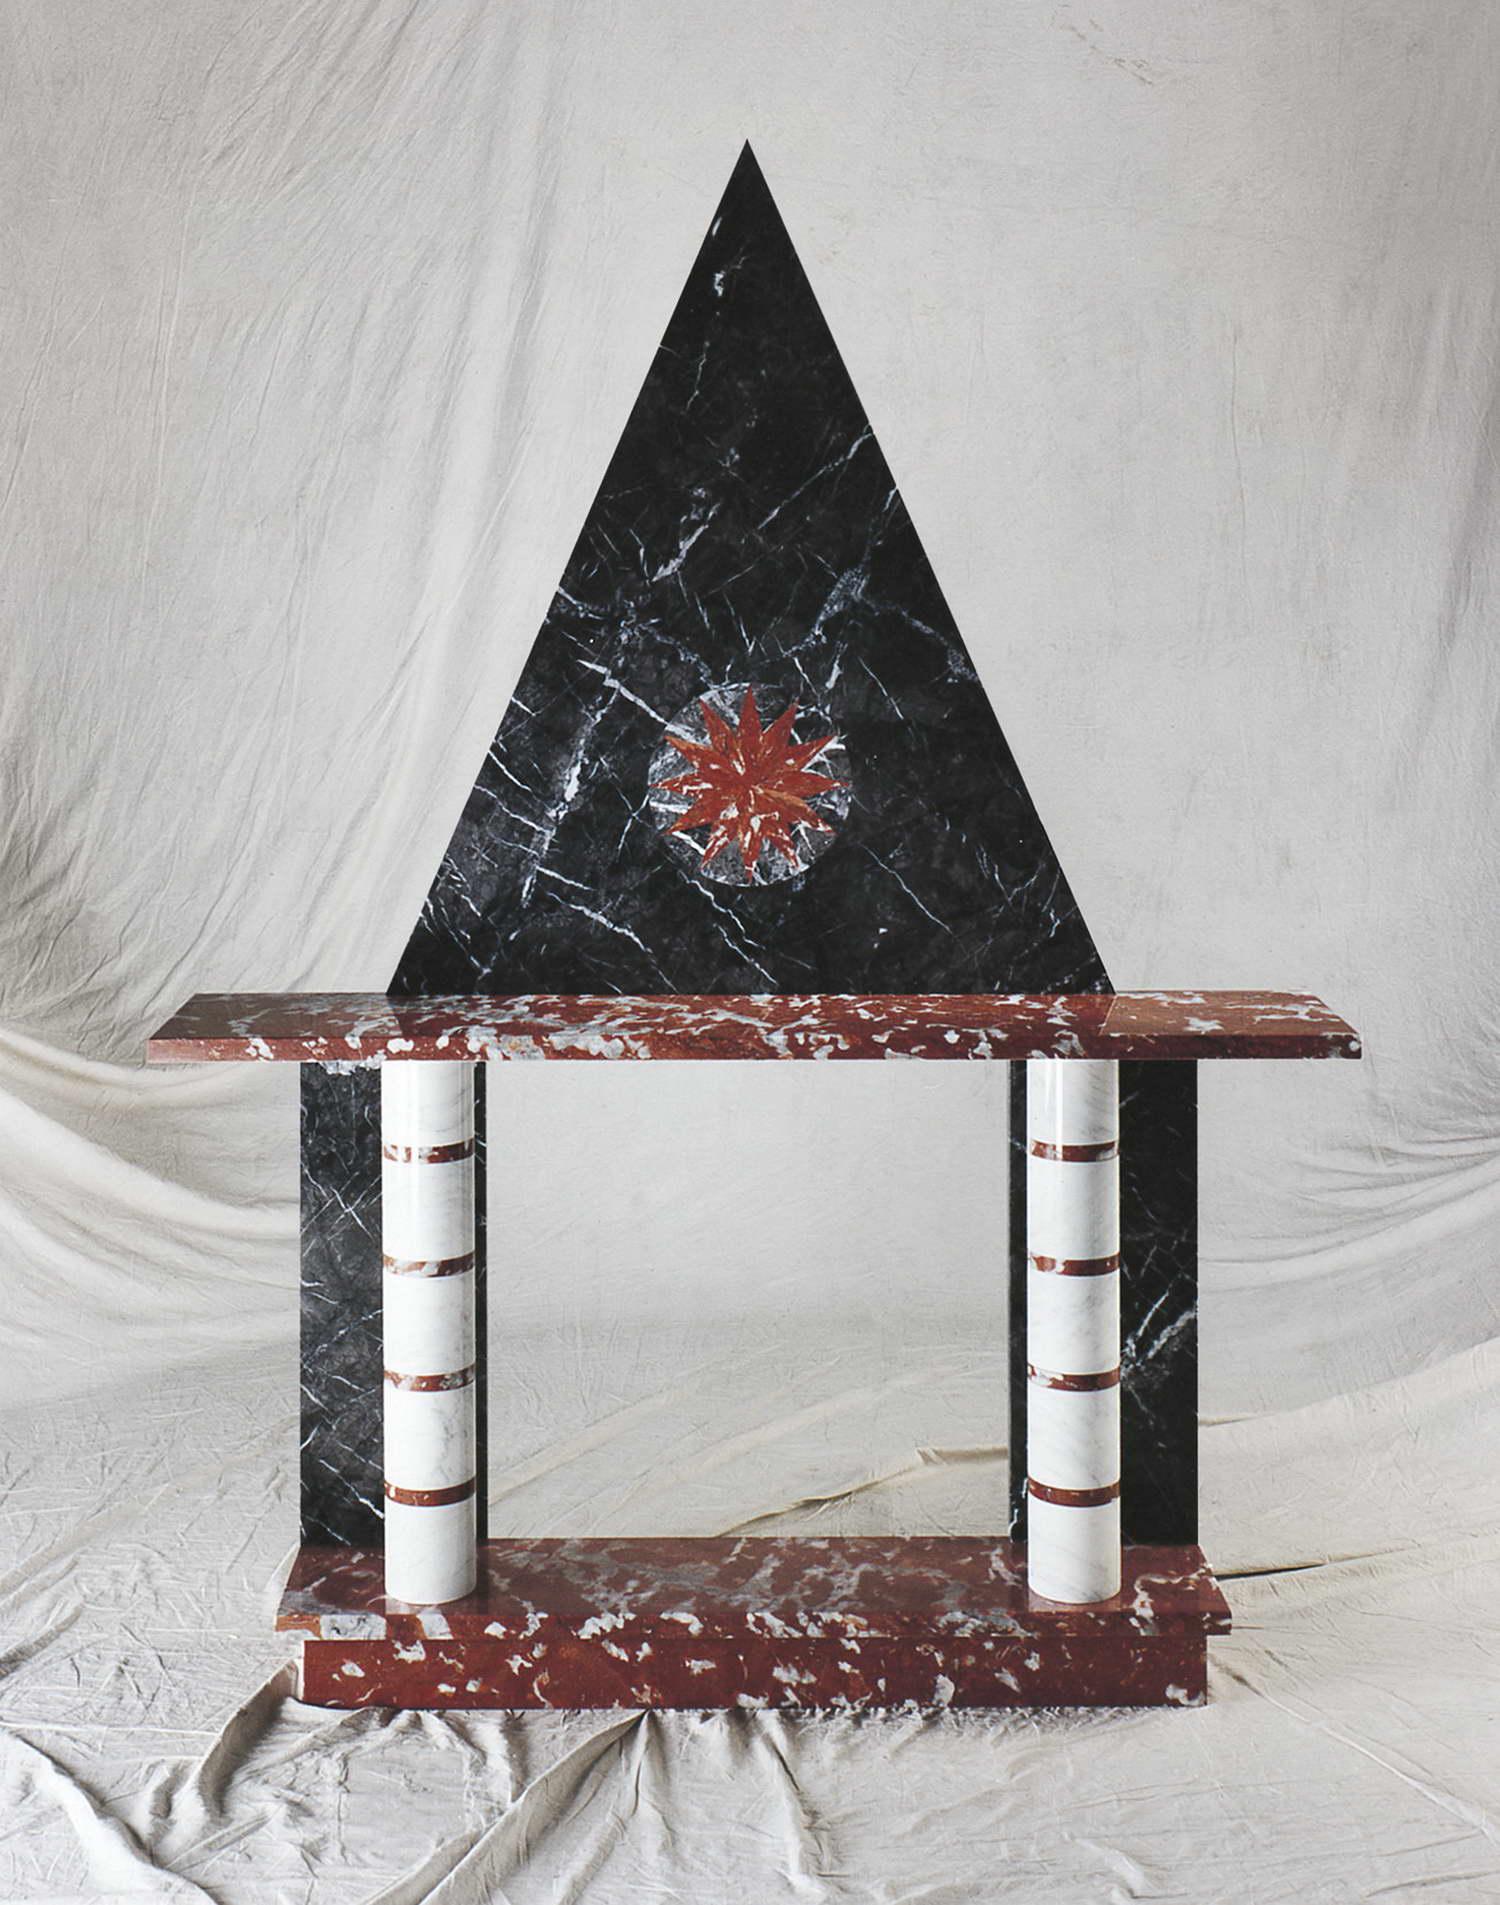 La Pietra Srl Asti camini in marmo camino cosimo - sergio asti art. 700 - upgroup